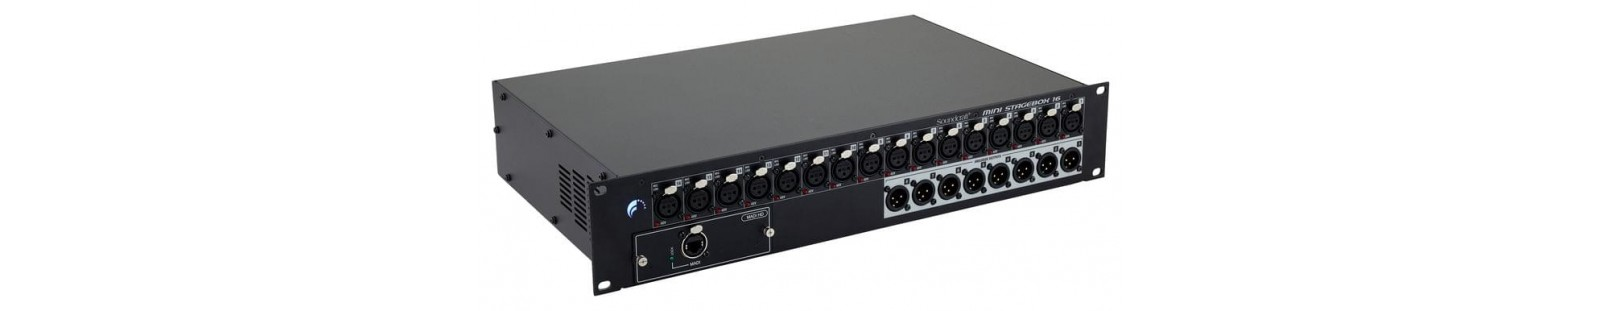 Soundcraft Mini Stagebox 16 RJ 45